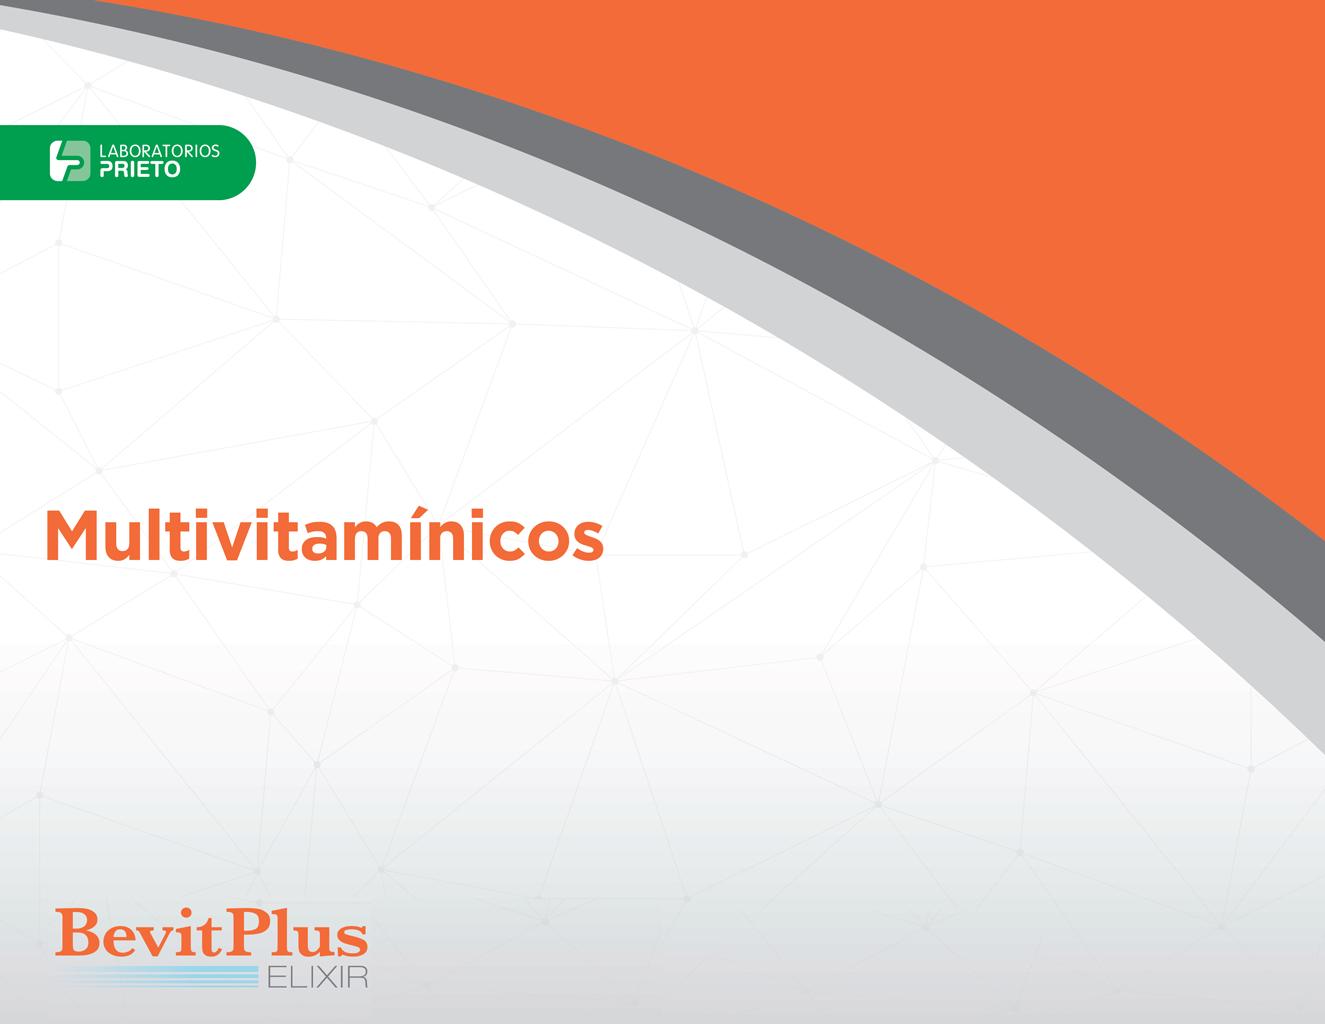 Vademecum-de-productos-Laboratorios-Prieto_Page_12